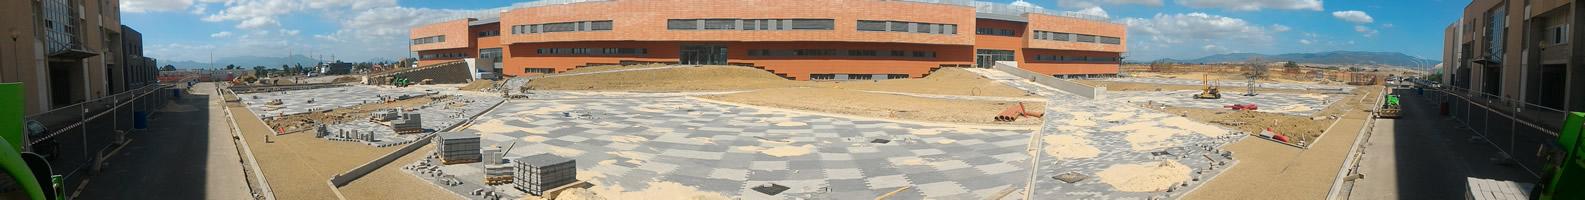 Università Cagliari